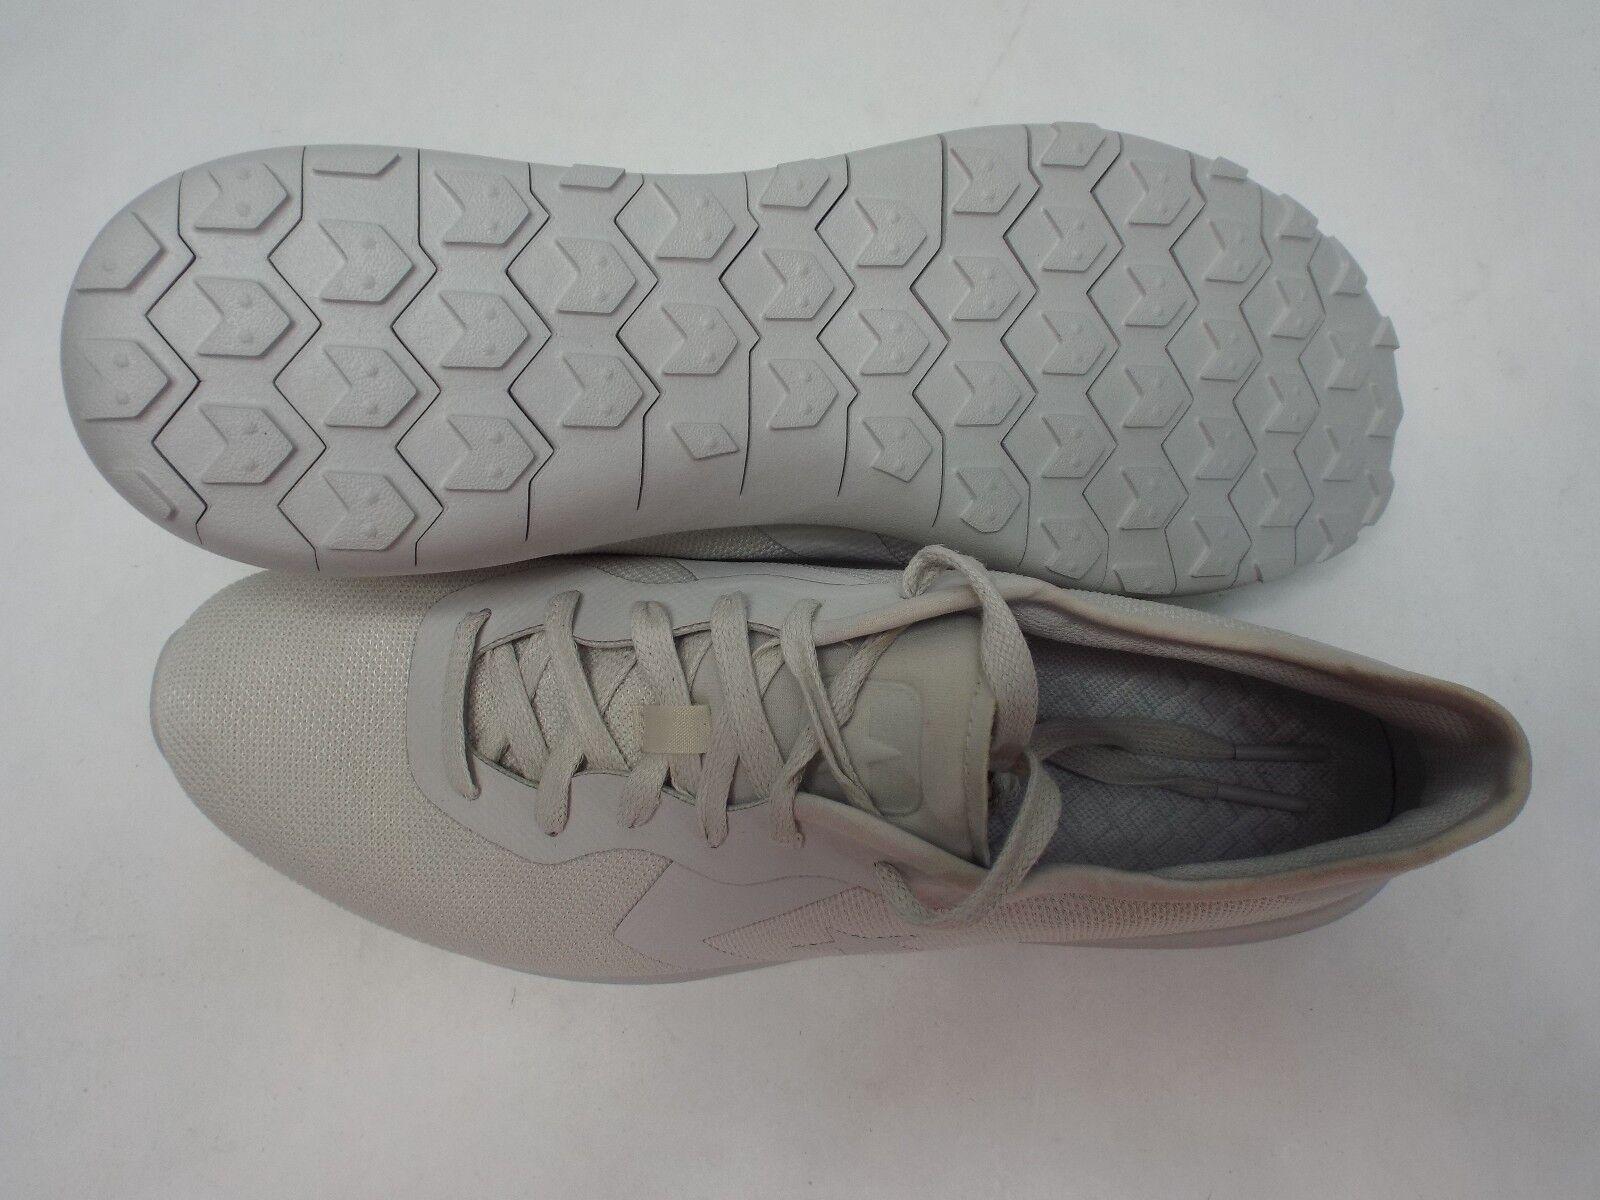 converse chaussures all star hommes 14 nouvelles chaussures converse 156585c modernes de bœuf b lanc ch amois d' auckland 110 b06935